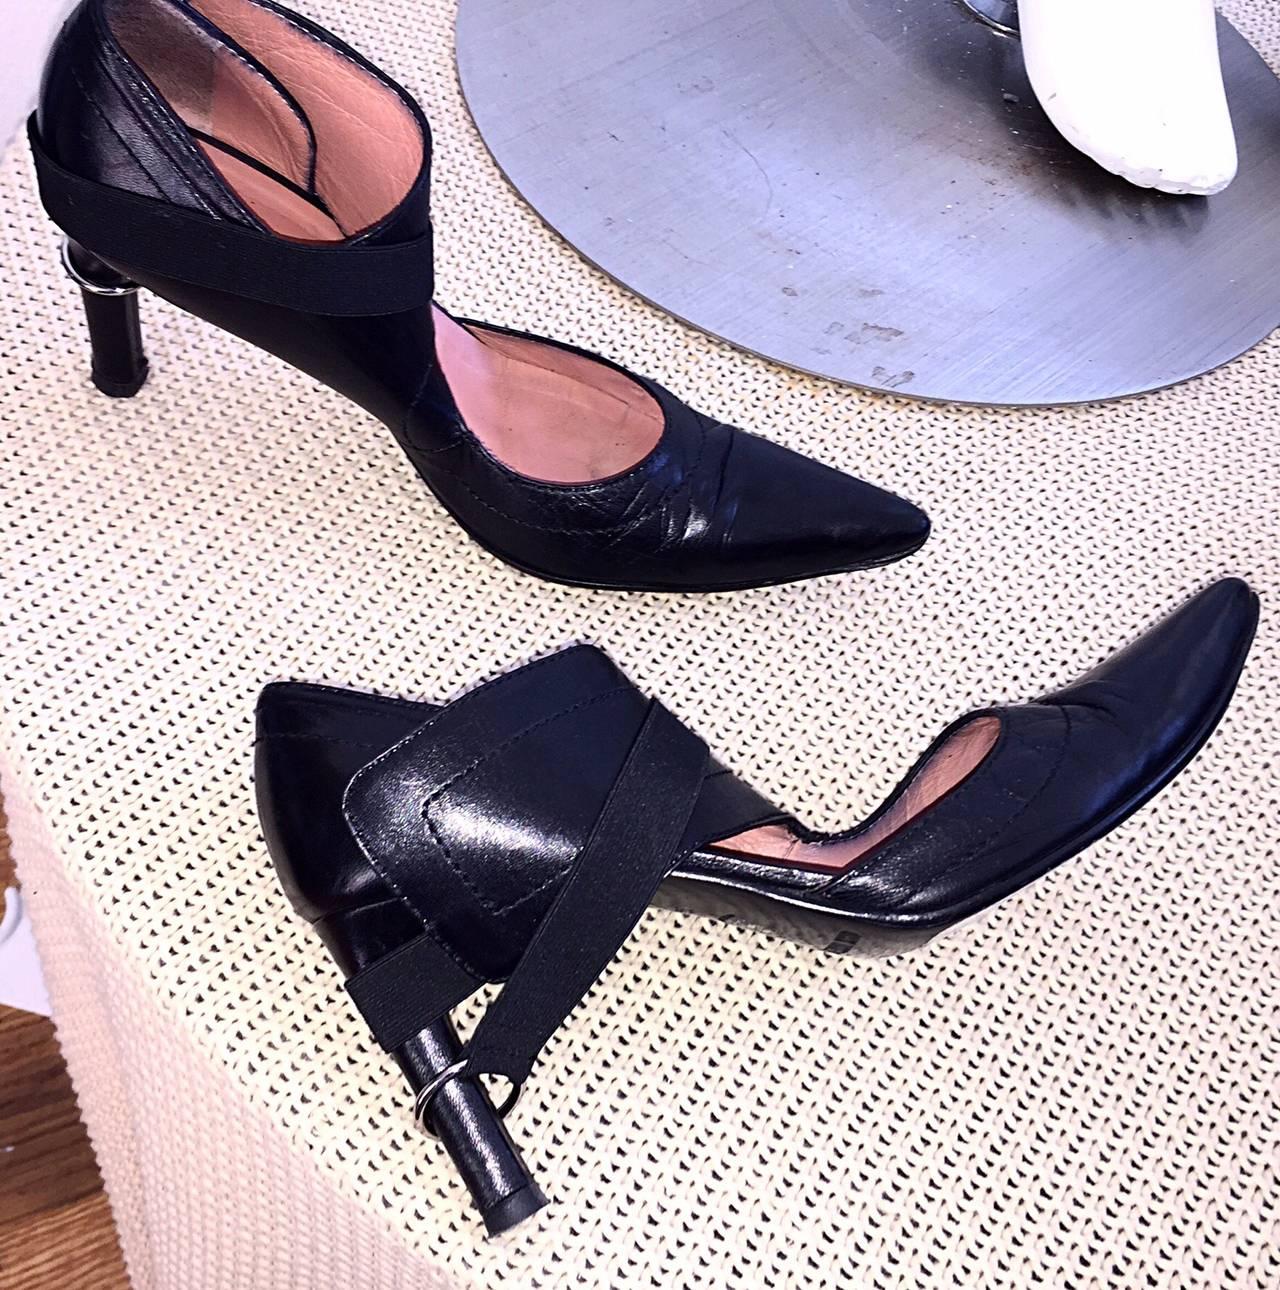 Rare Dirk Bikkembergs Black Leather Runway ' Bondage ' Loop Heels Size 38 8 For Sale 3